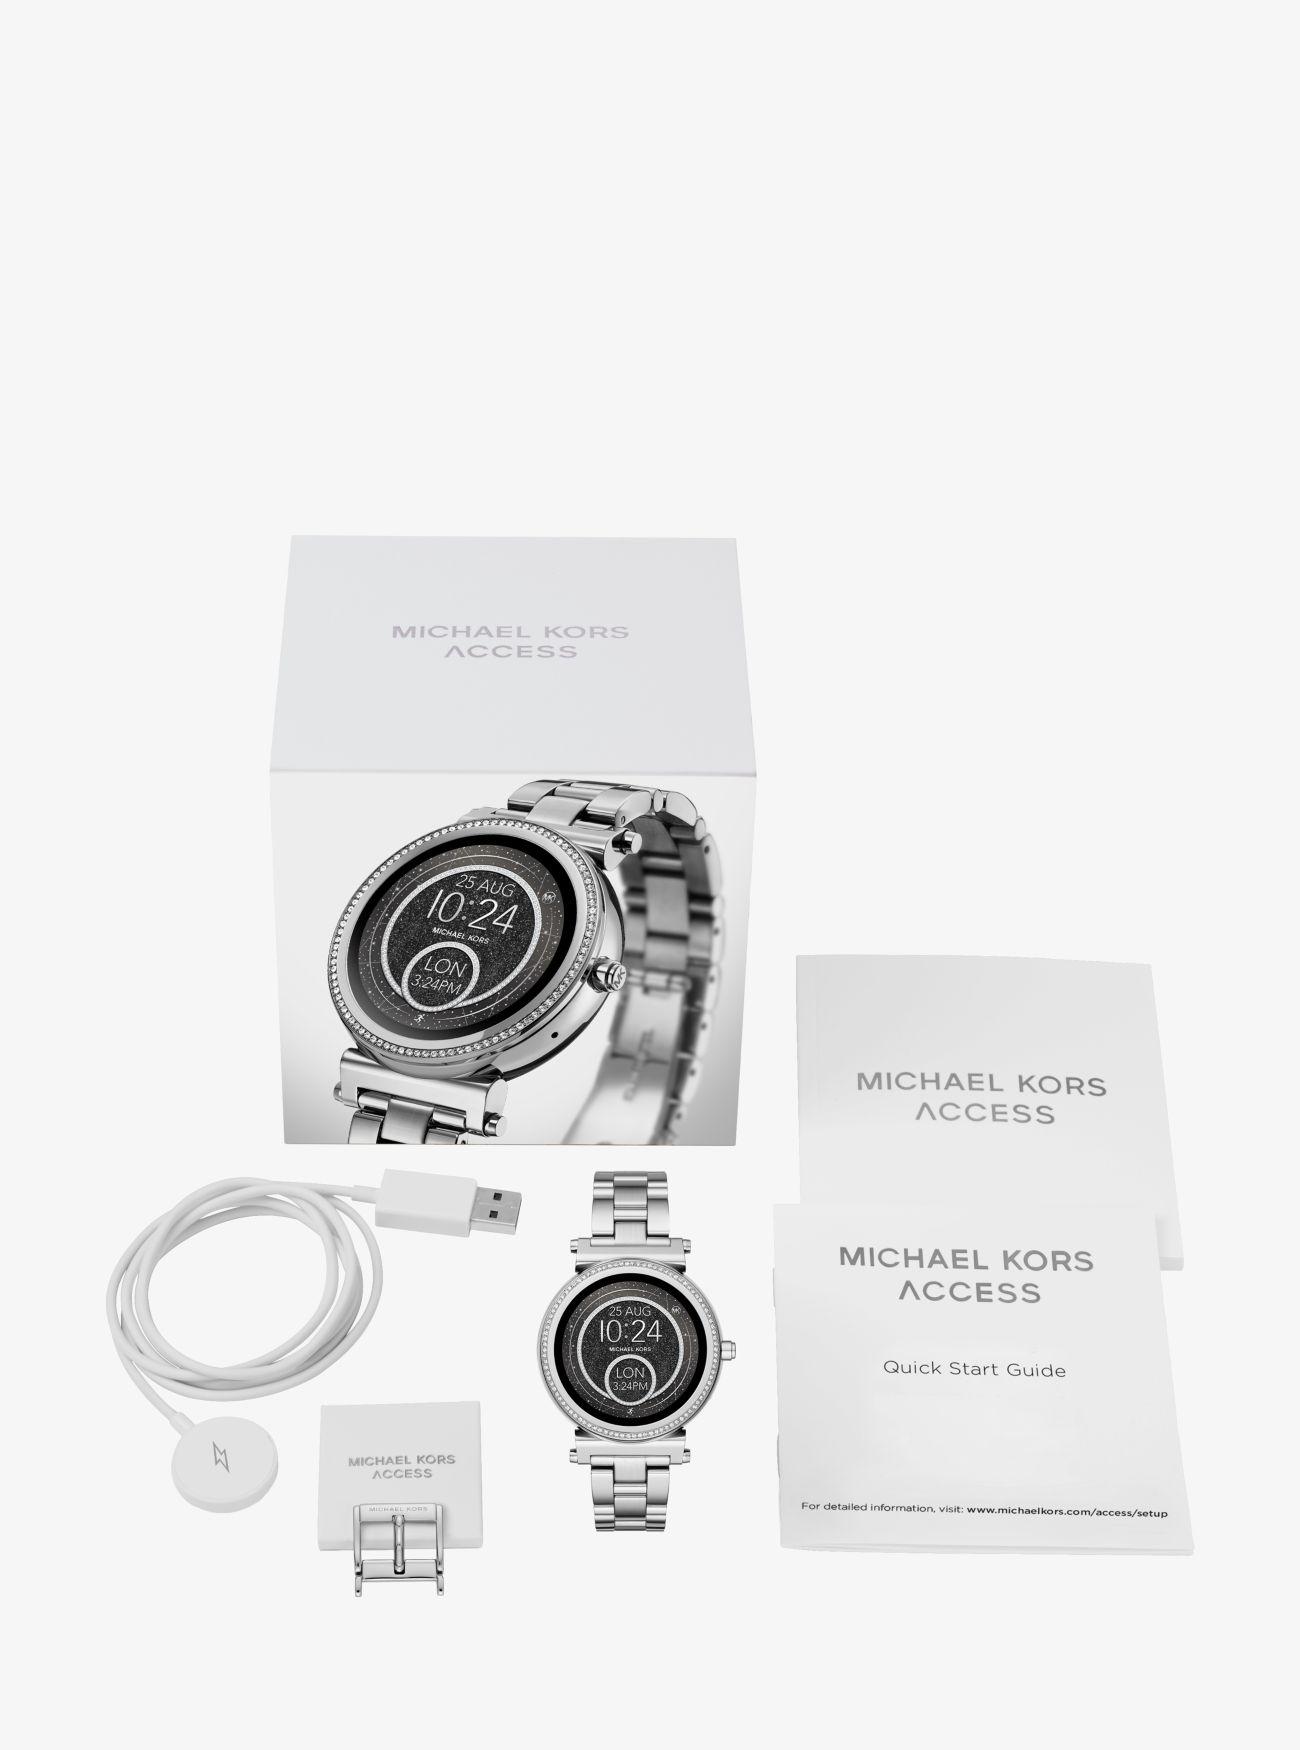 c258dd10db75 ... incrustaciones Reloj inteligente Sofie en tono plateado con  incrustaciones. Michael Kors Access